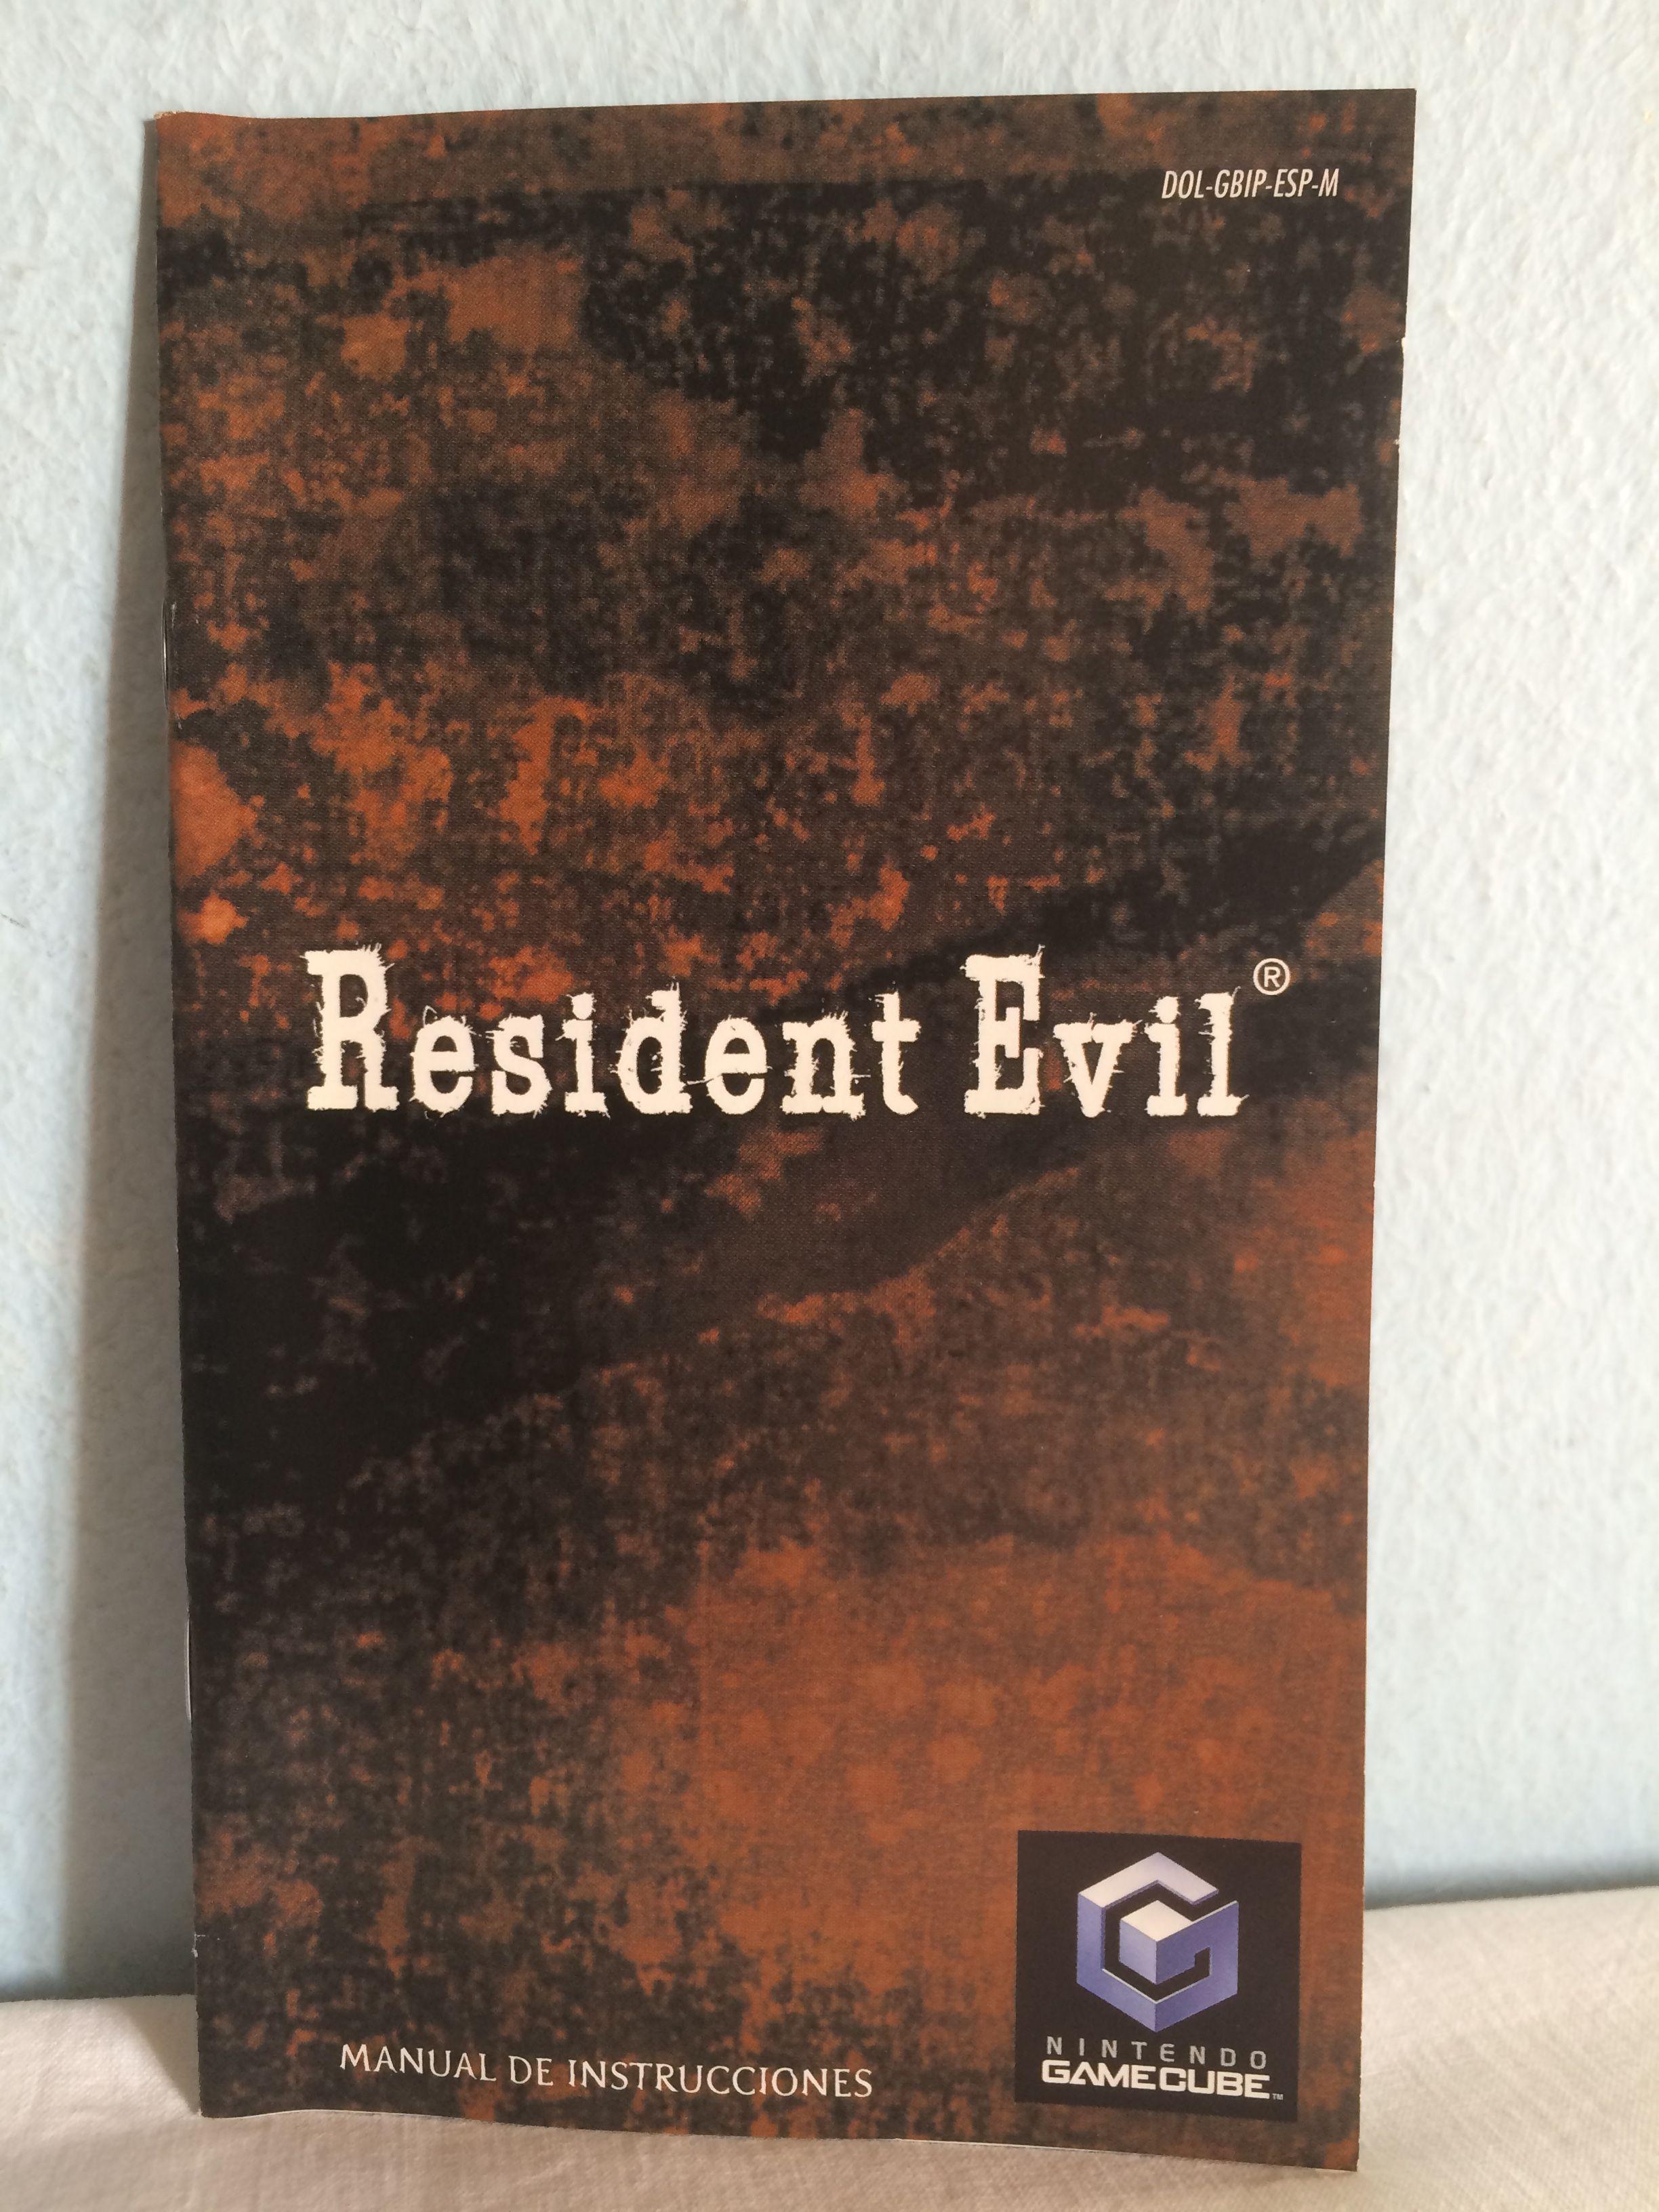 Resident Evil manual.